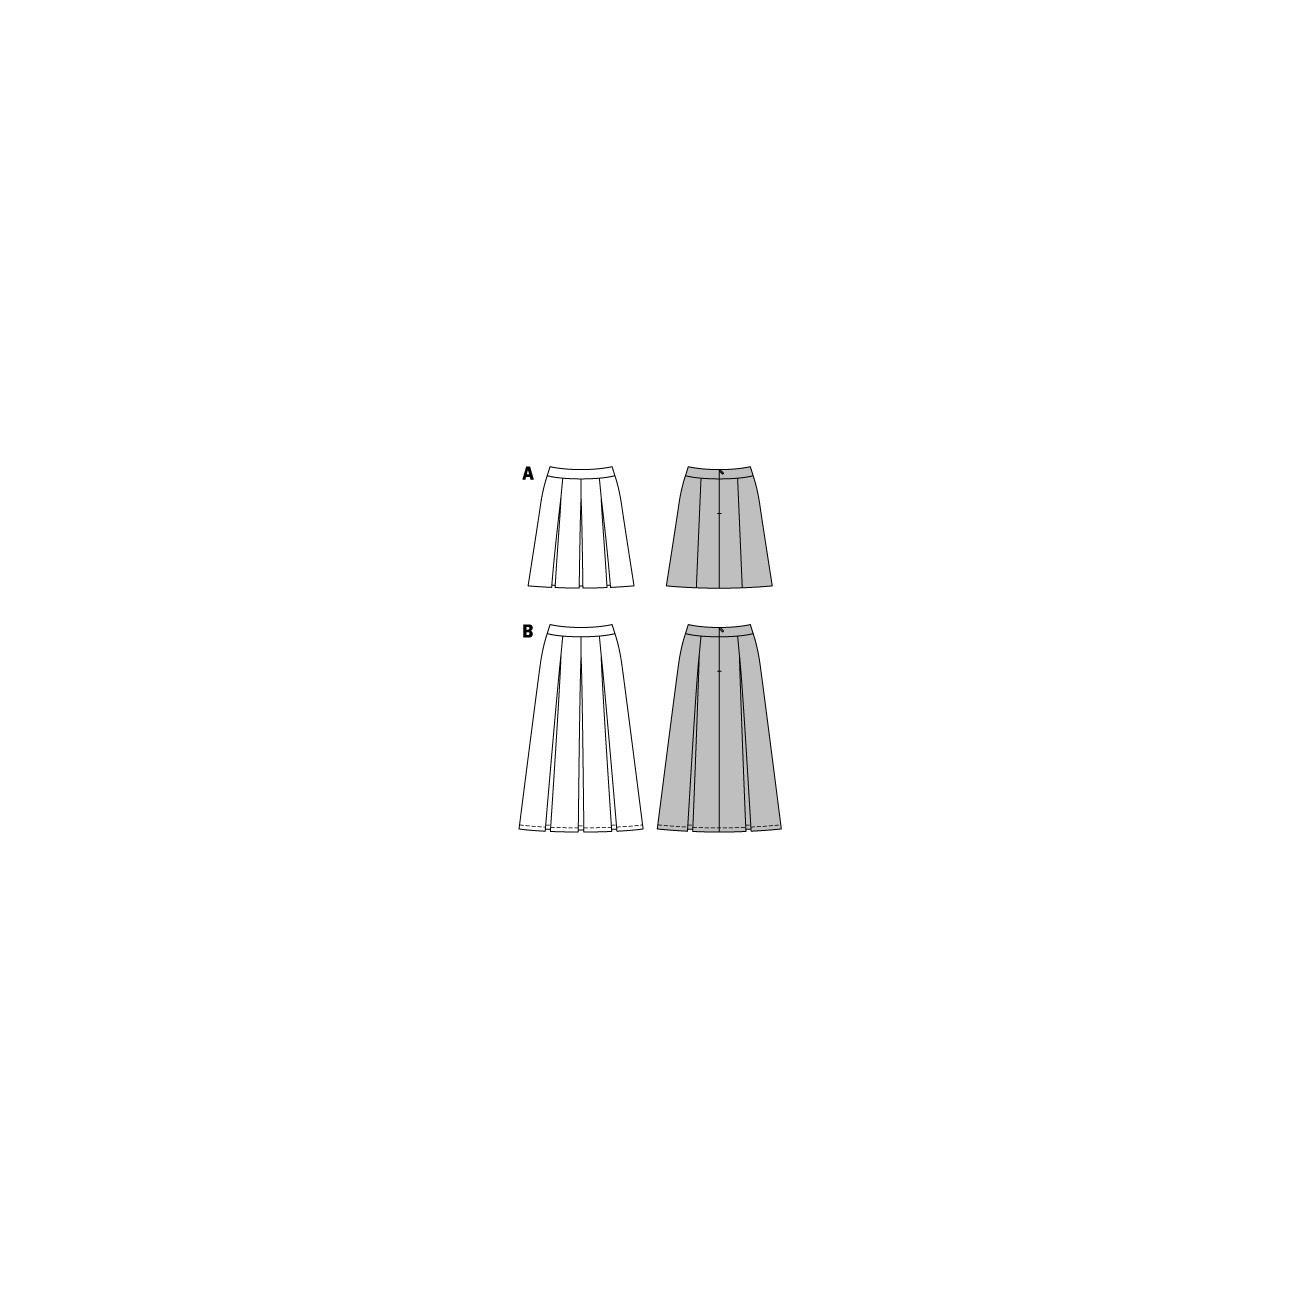 burda schnitt 6803 faltenrock. Black Bedroom Furniture Sets. Home Design Ideas